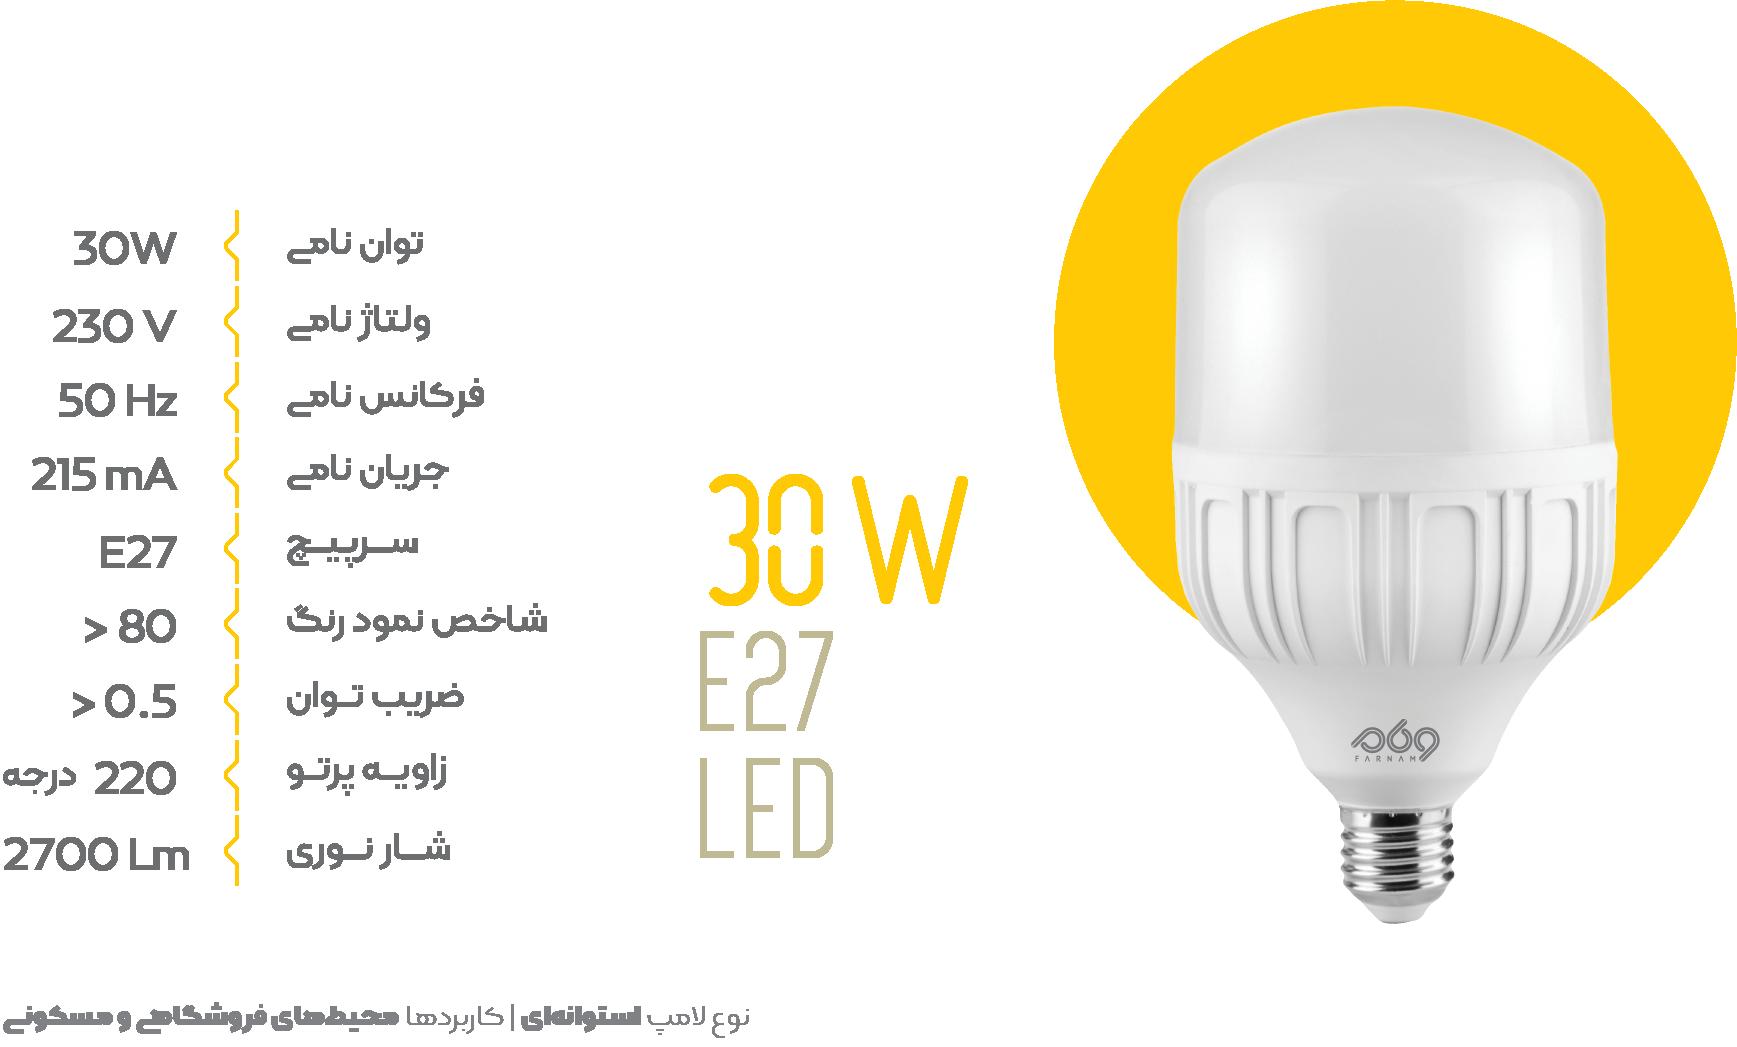 لامپ 30 وات استوانه ای فرنام